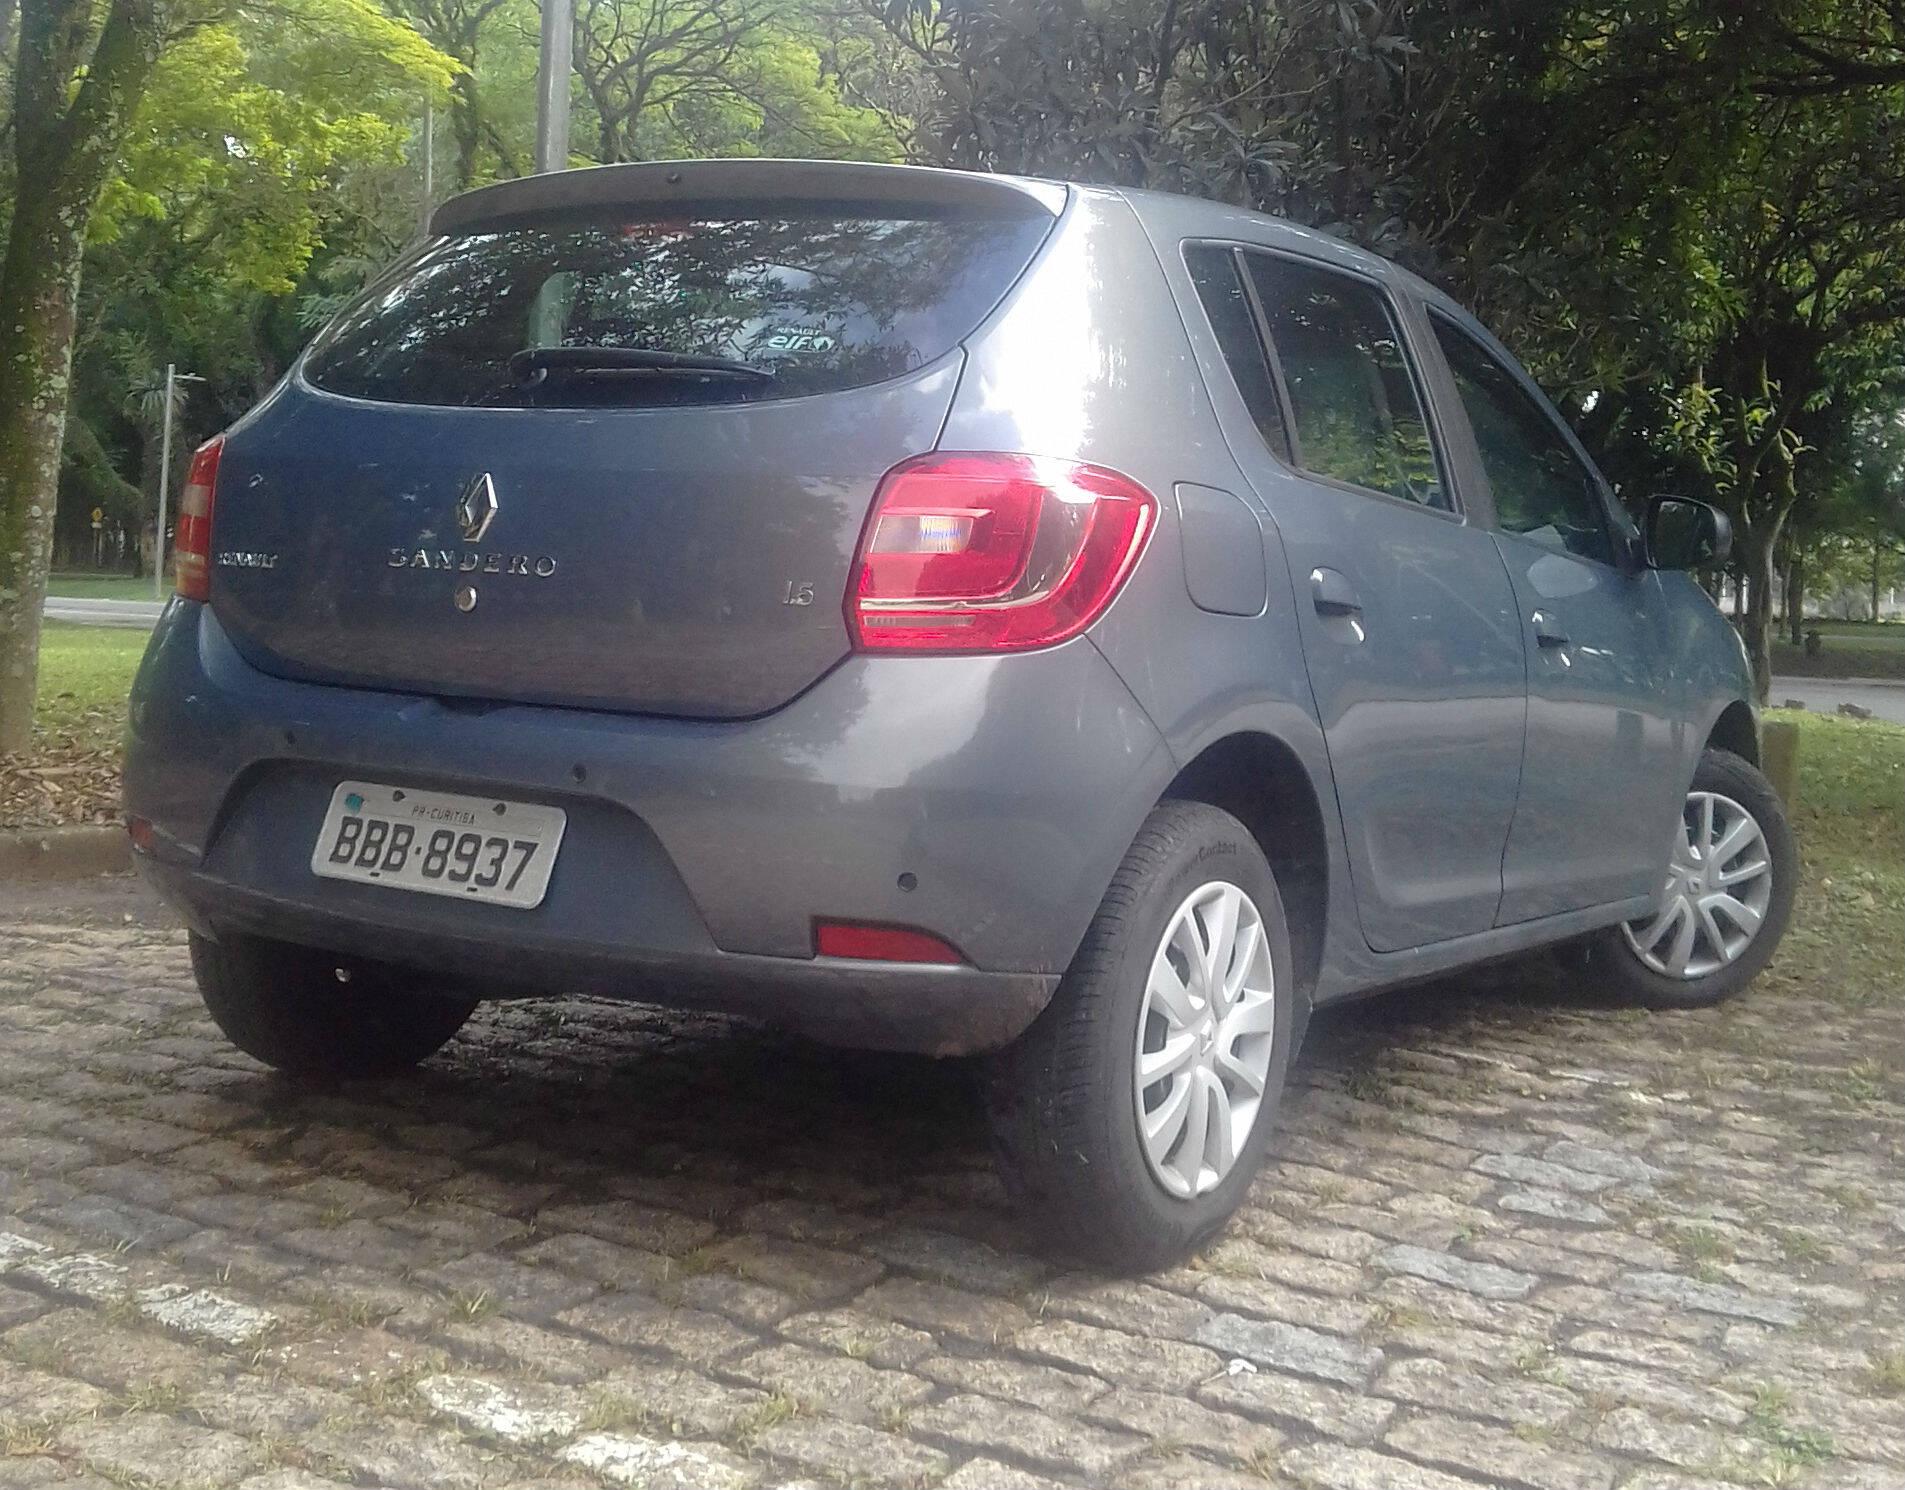 Renault Sandero. Foto: Carlos Guimarães/iG